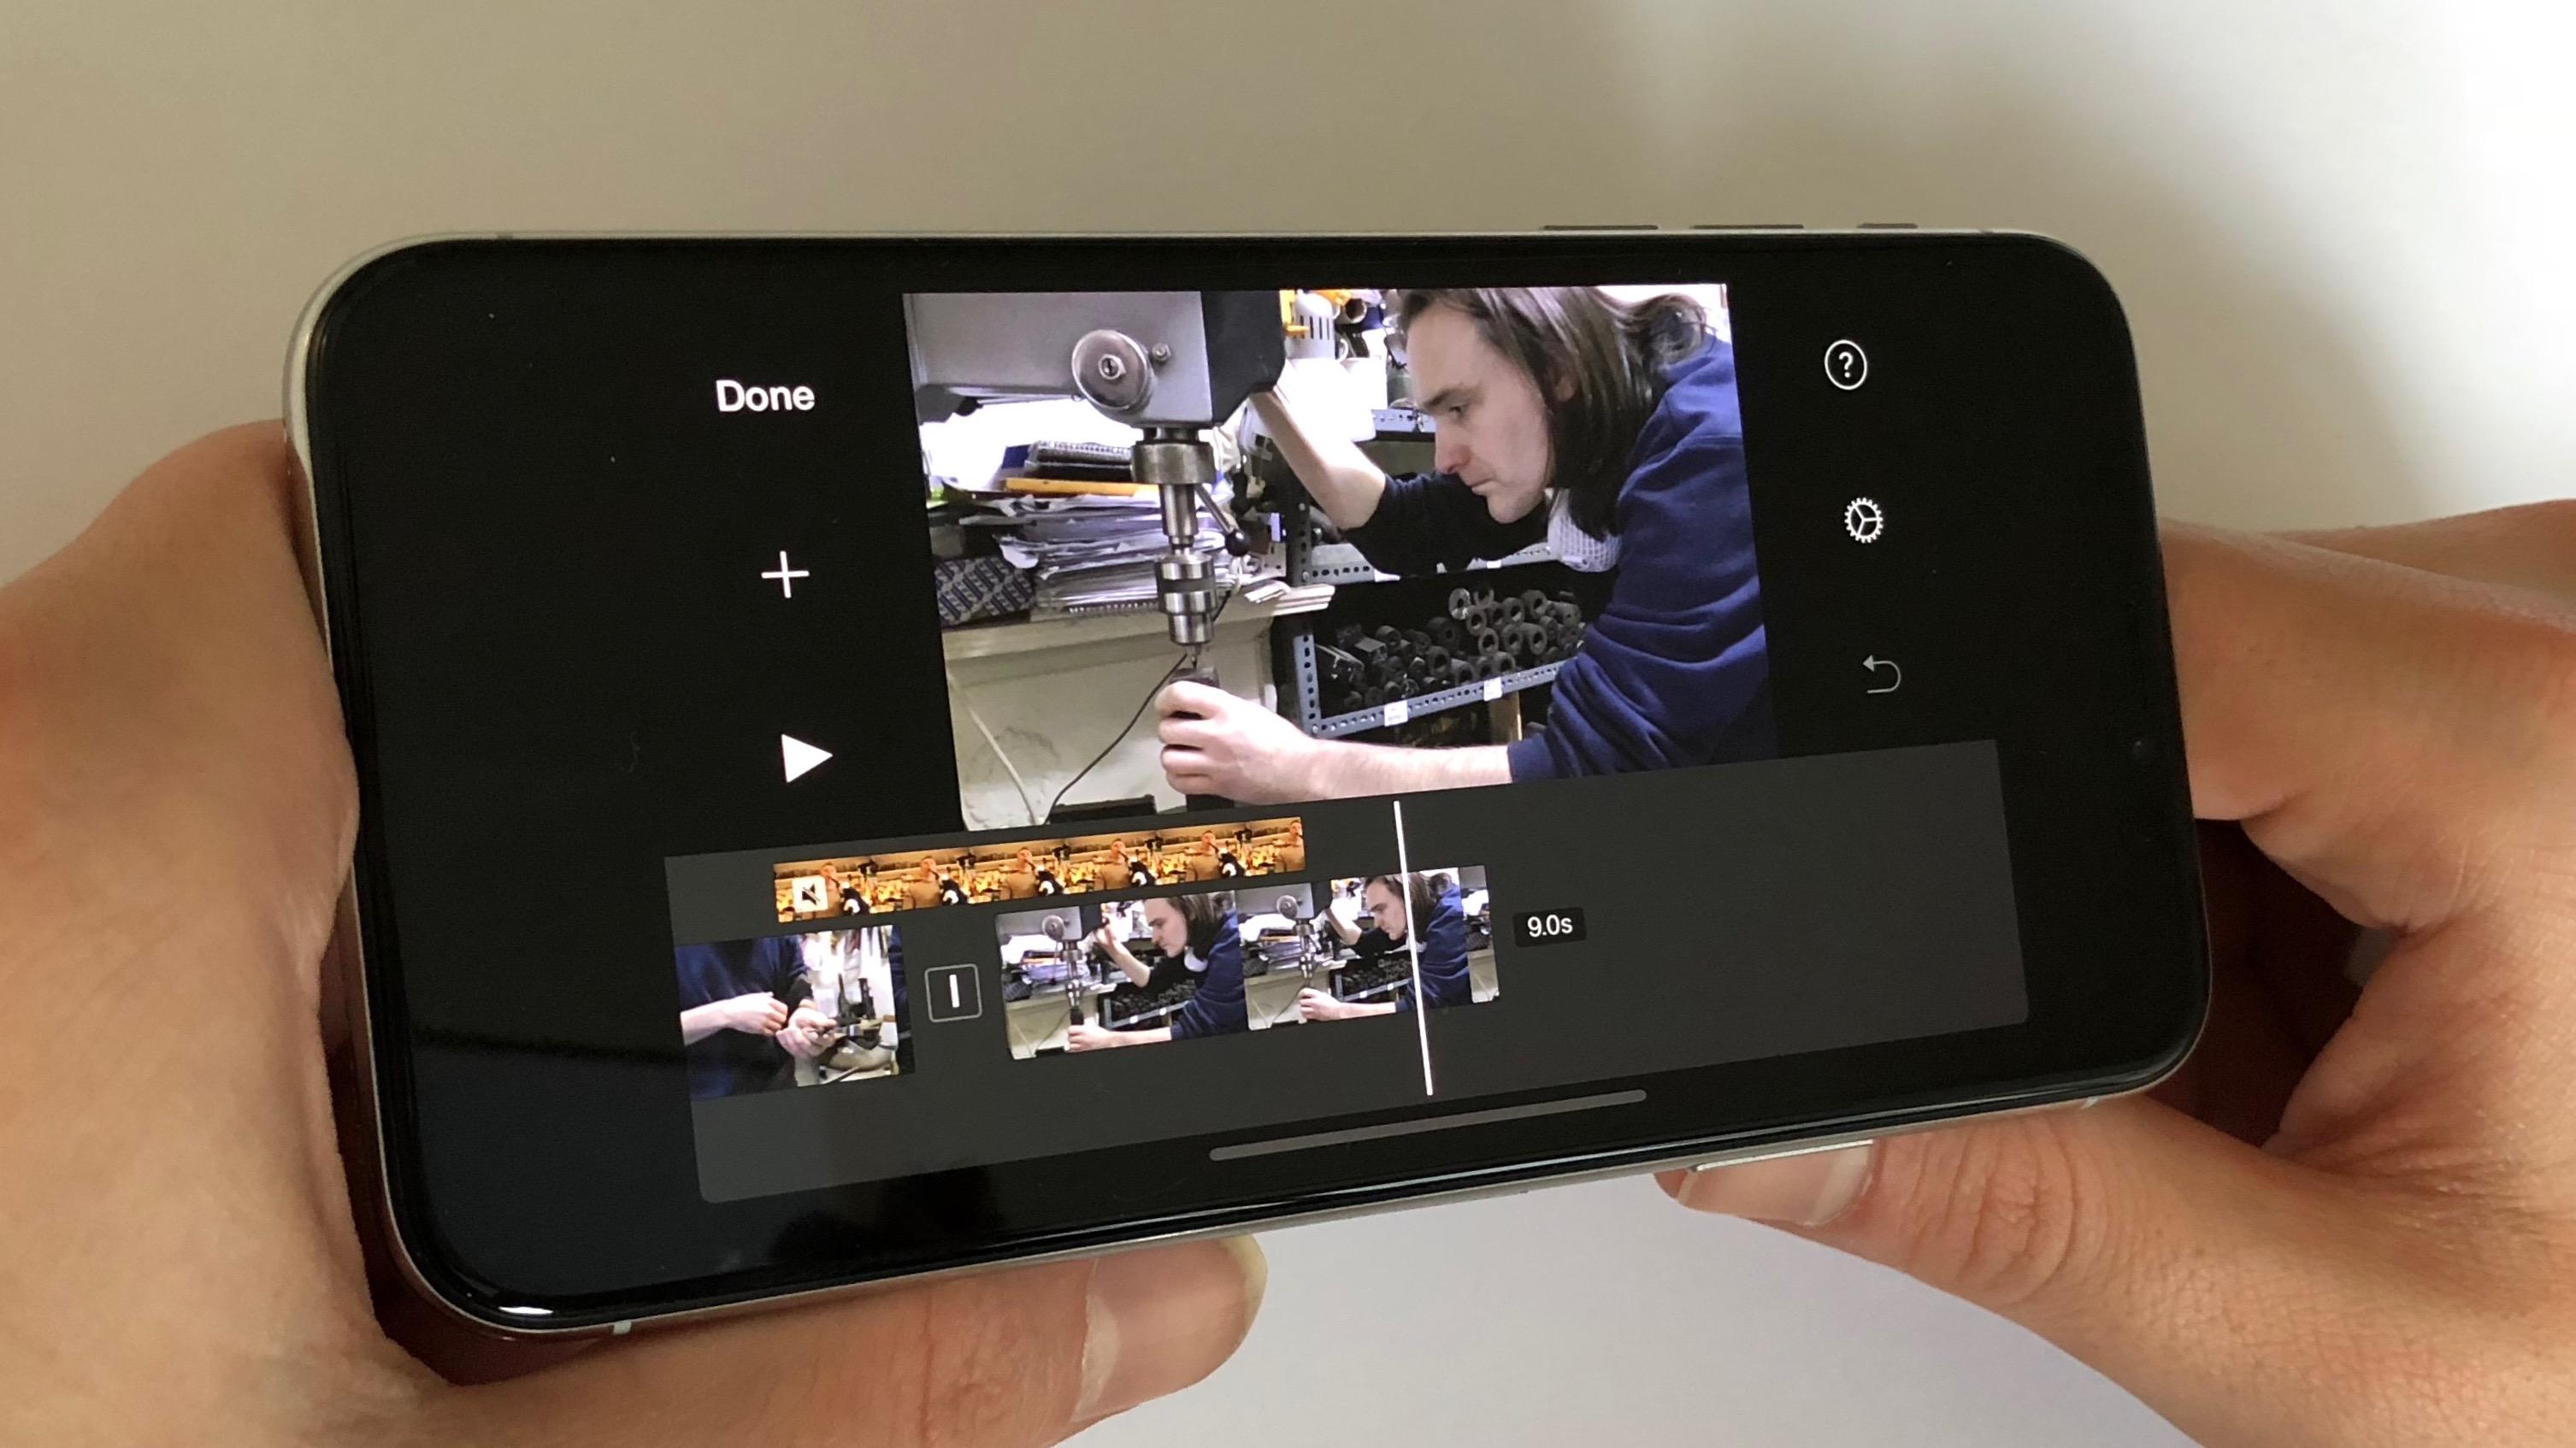 video, Cisco, online, iPhone, Smartphone